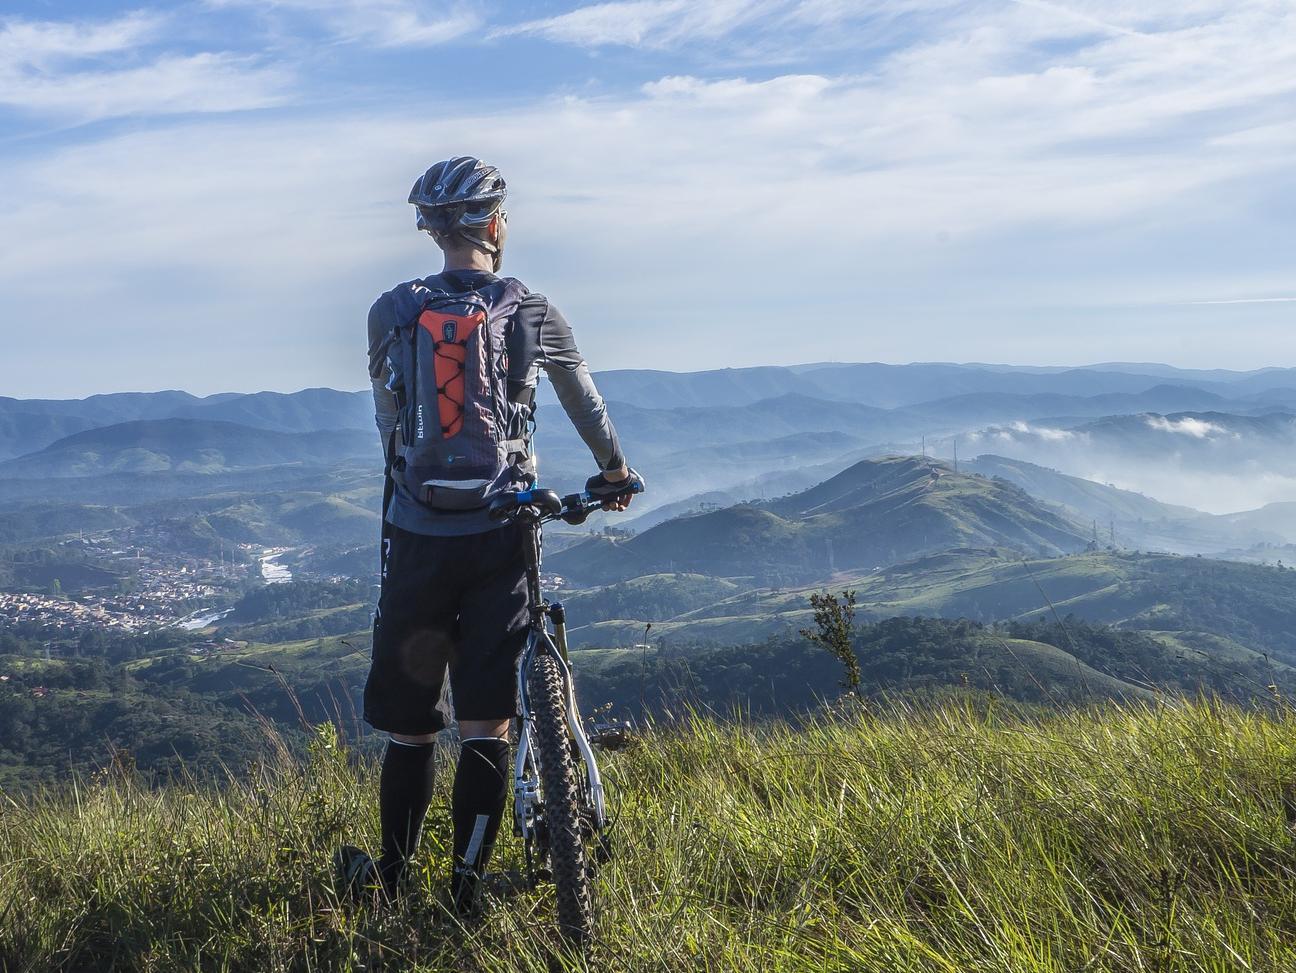 Mountain biking, Ecuador mainland adventures